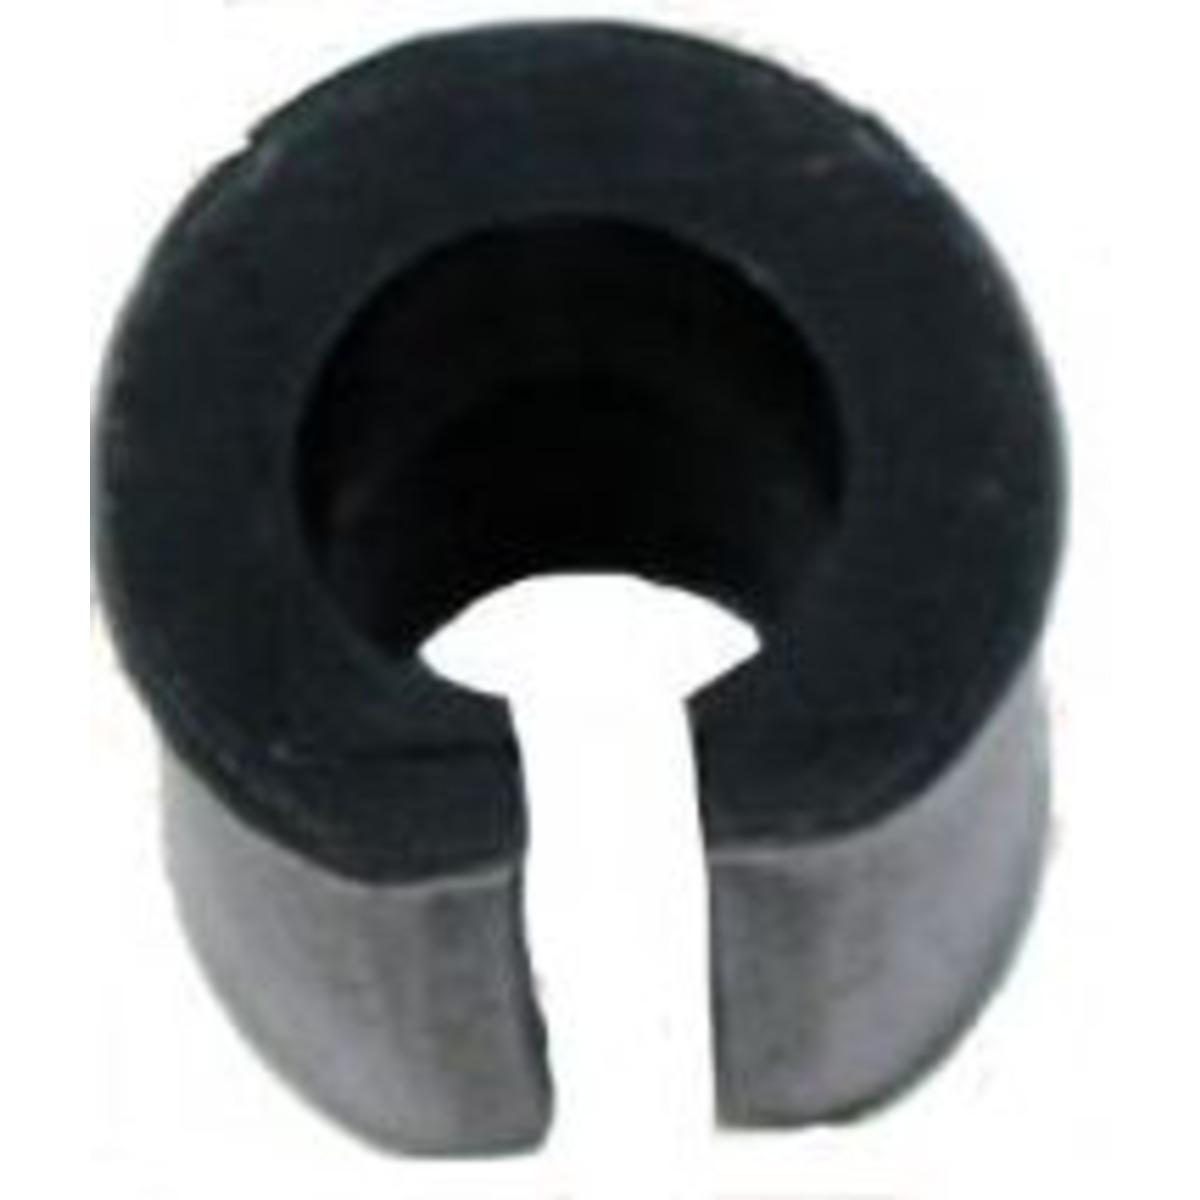 Ignesti Riduttore per Gambe Panieri - da 0.30 mm a 0.16 mm RND